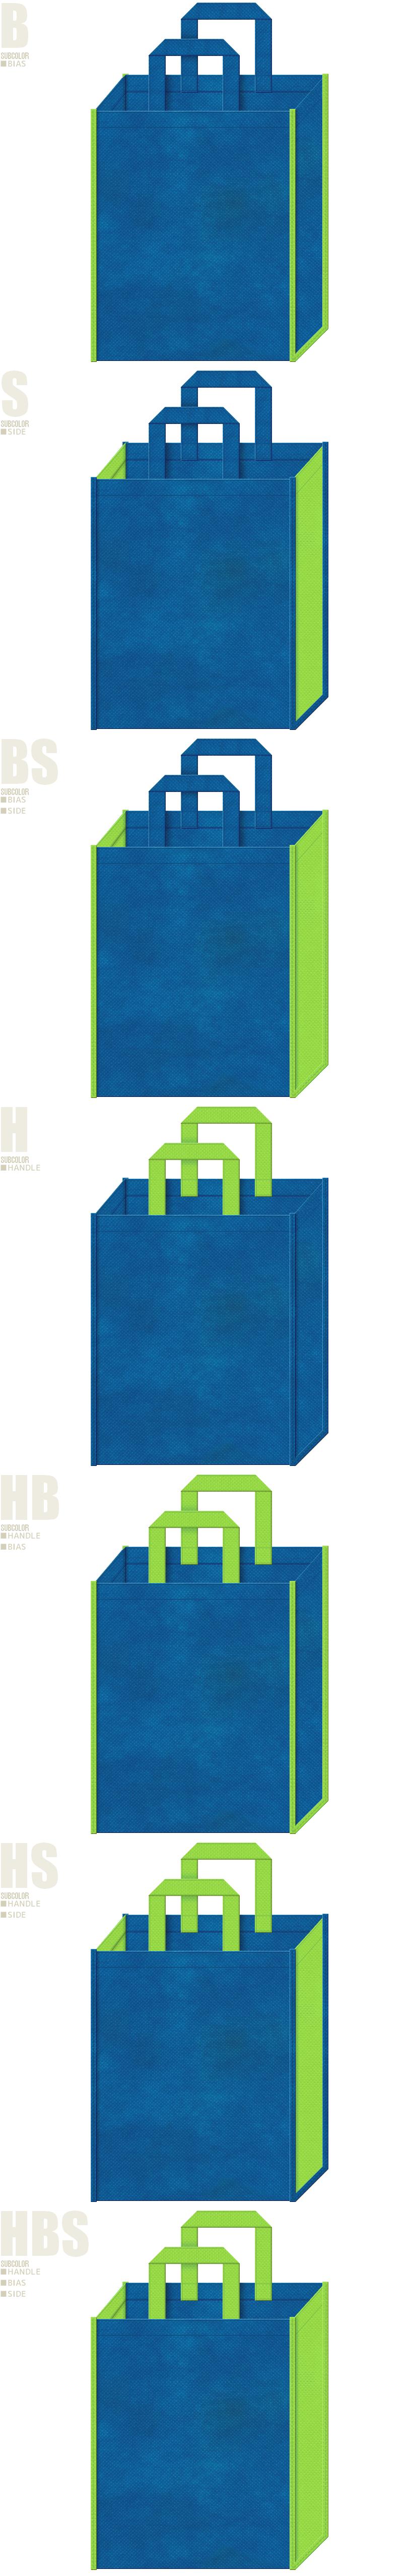 アウトドア・スポーツイベントにお奨めの、青色と黄緑色-7パターンの不織布トートバッグ配色デザイン例